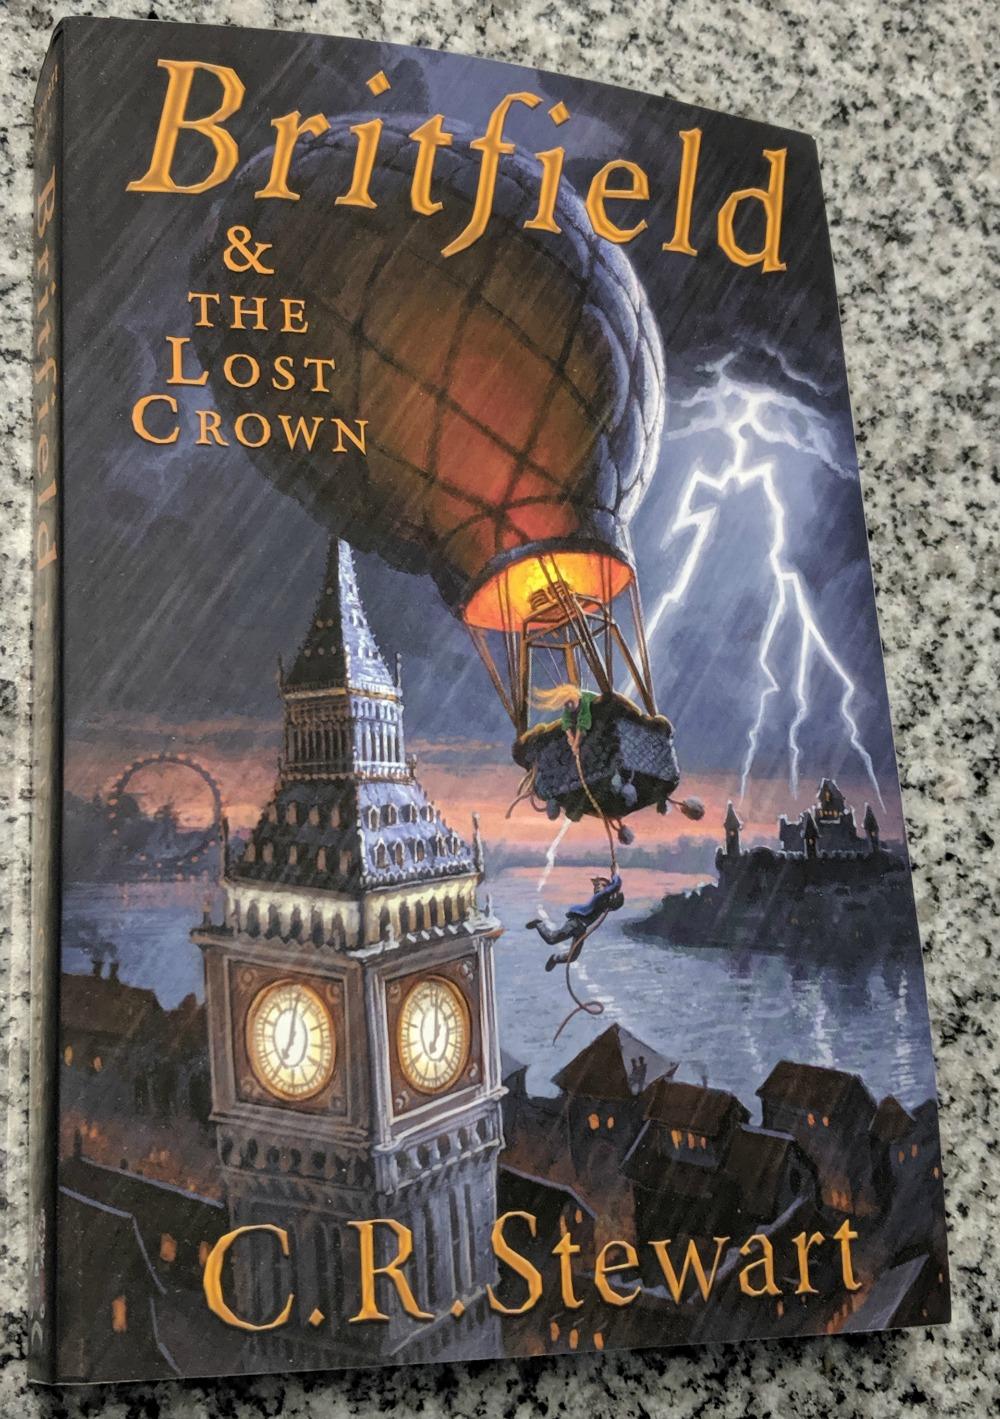 Britfield & the Lost Crown by C.R. Stewart